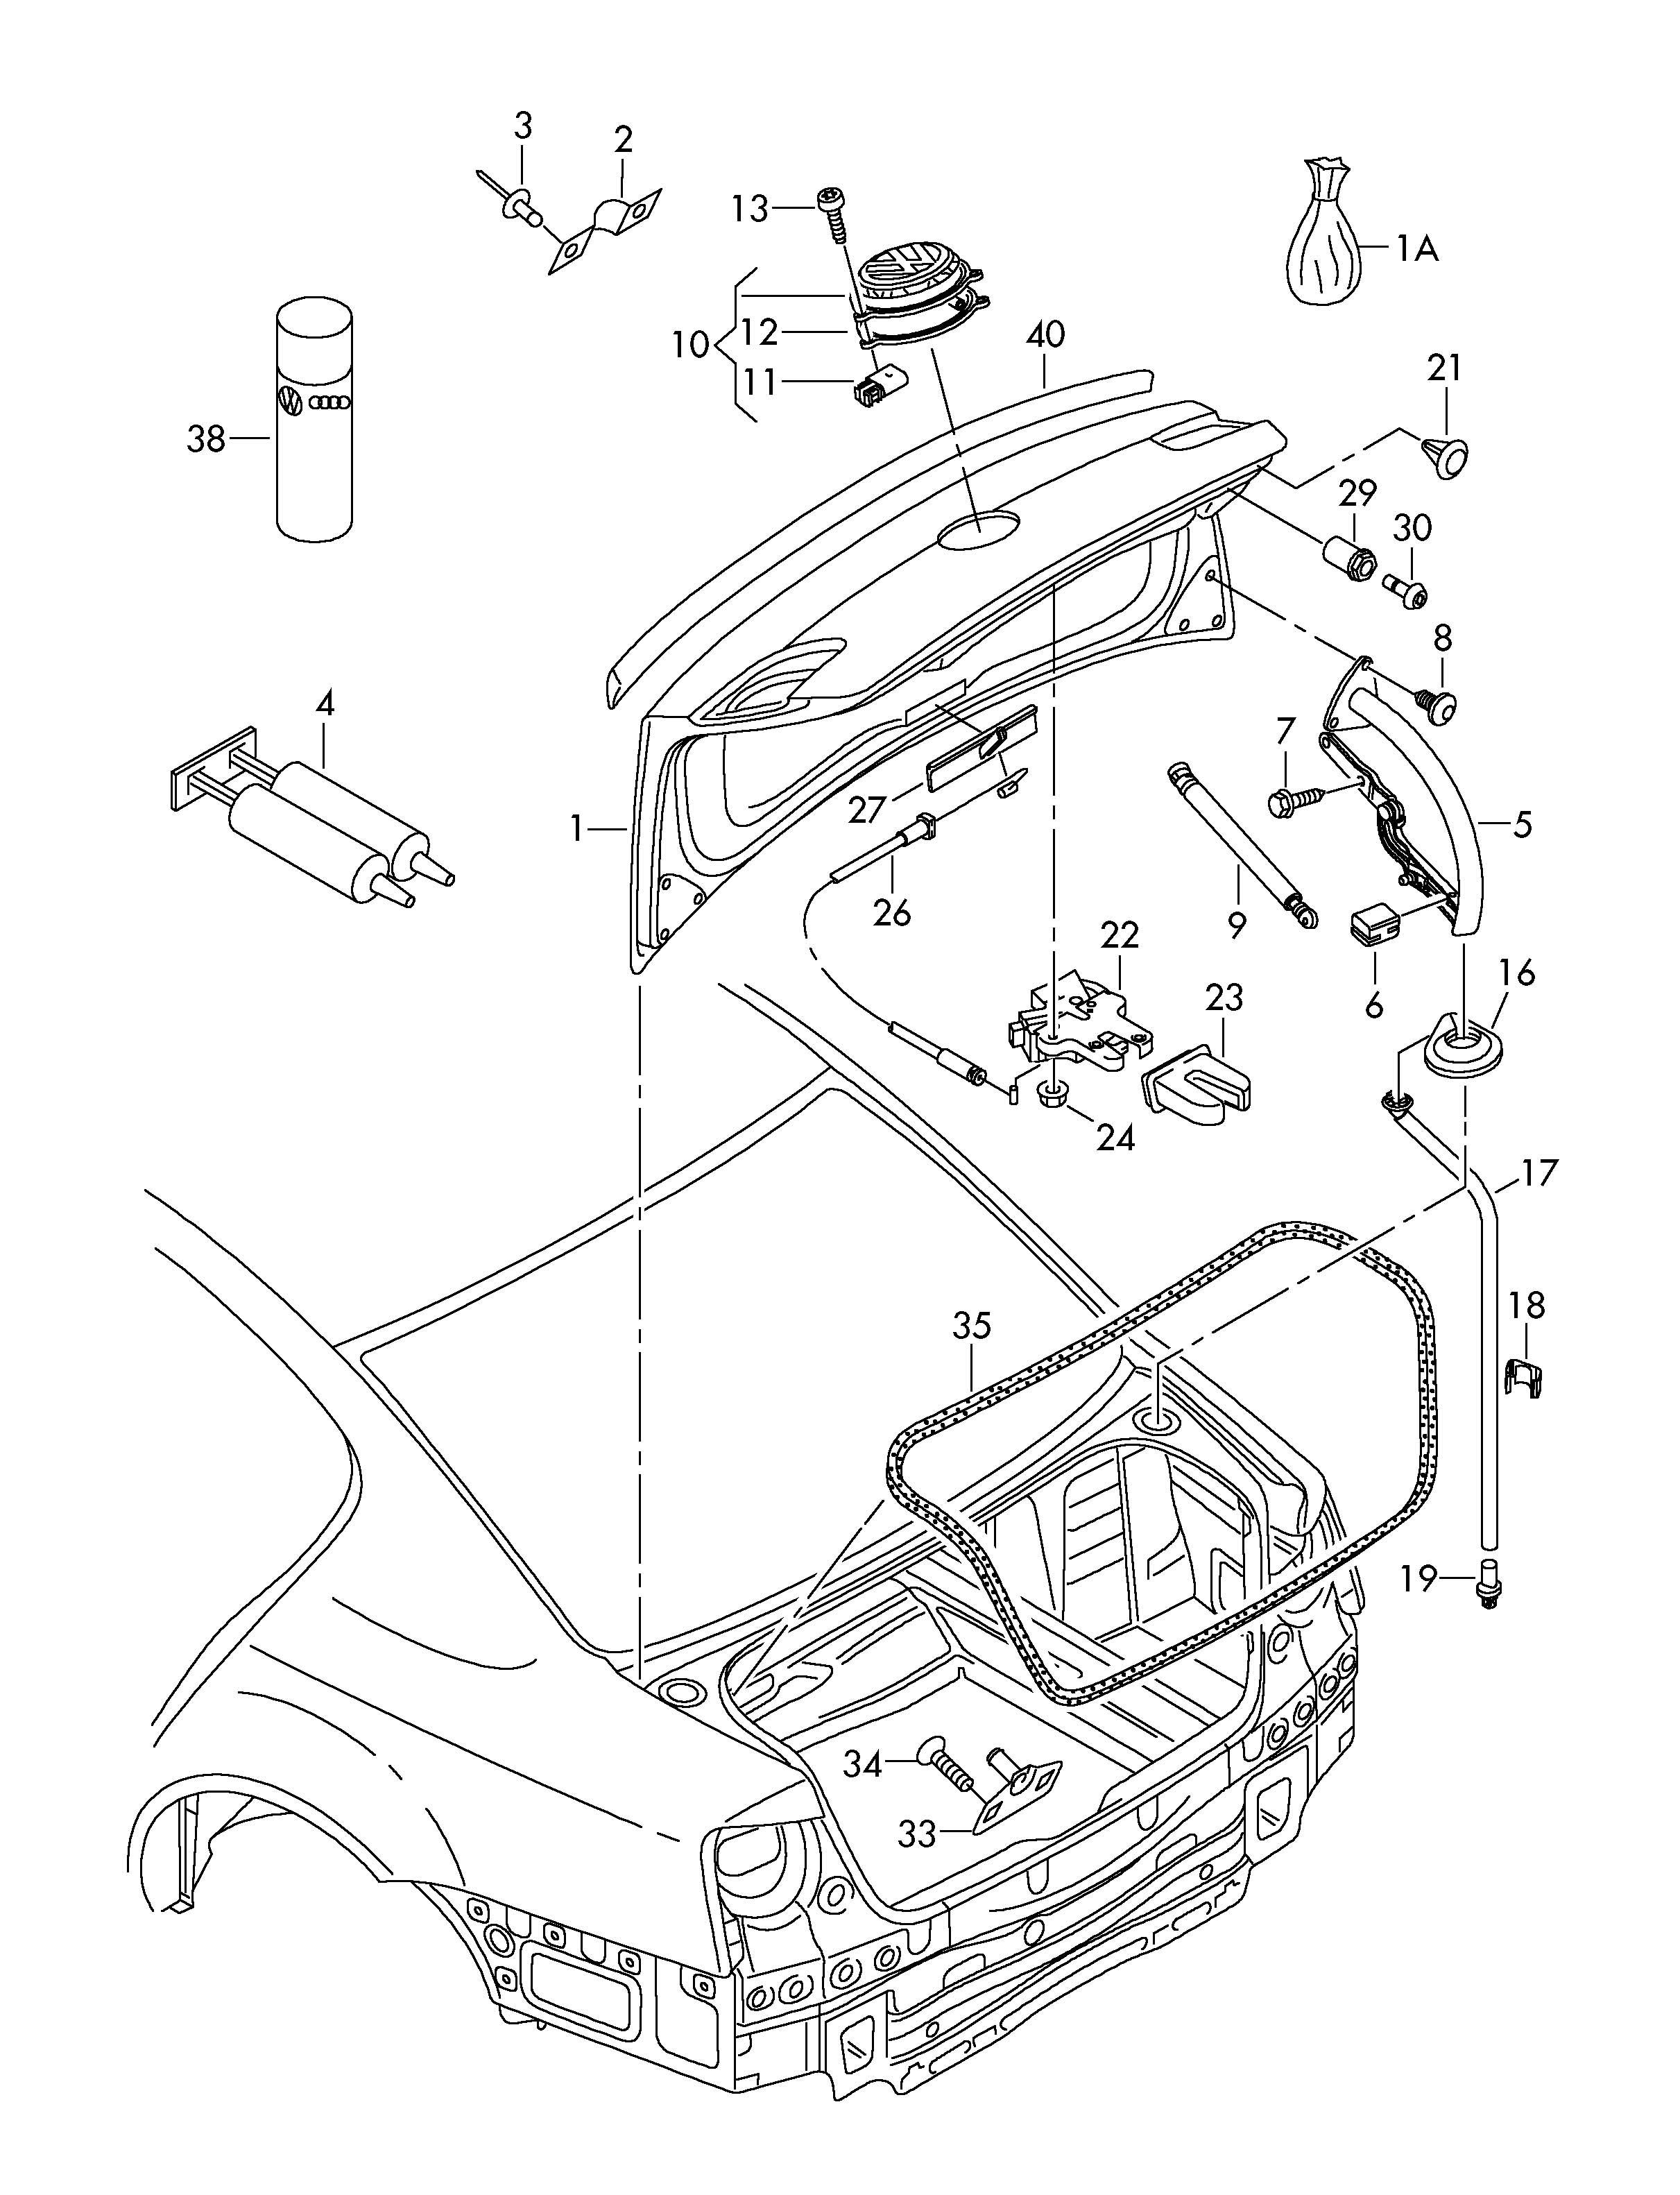 volkswagen routan parts diagram  volkswagen  auto wiring